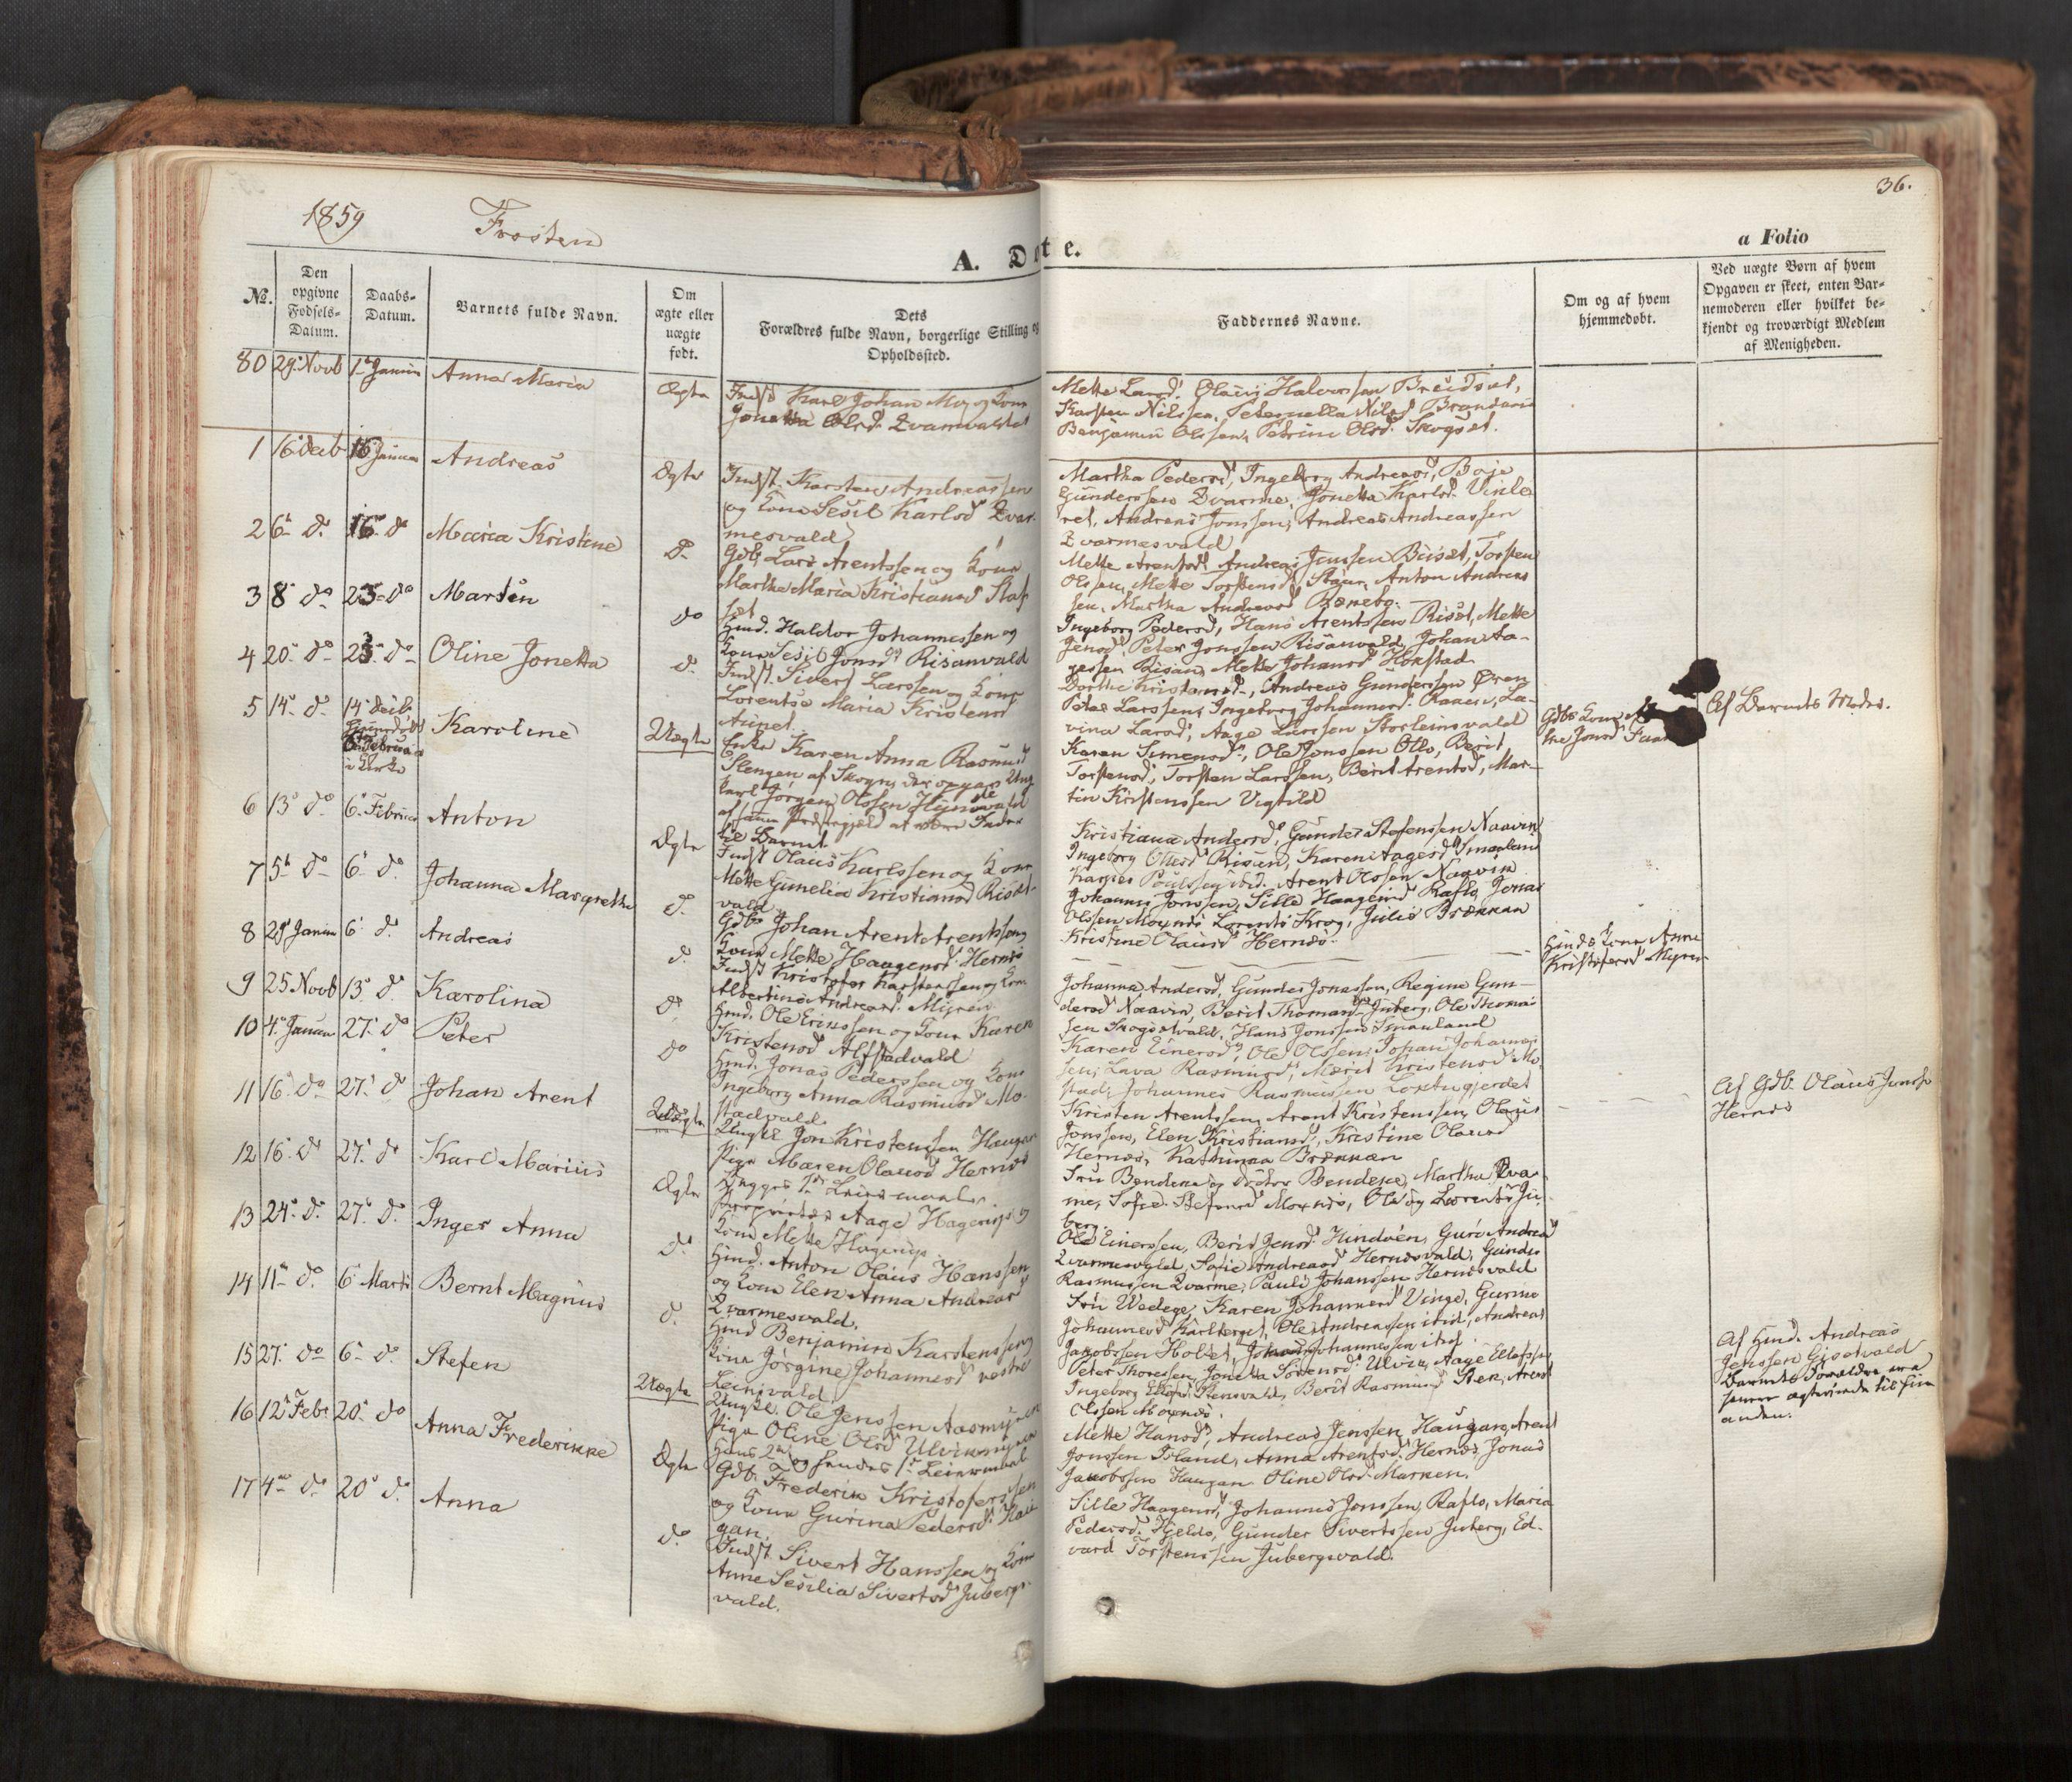 SAT, Ministerialprotokoller, klokkerbøker og fødselsregistre - Nord-Trøndelag, 713/L0116: Ministerialbok nr. 713A07, 1850-1877, s. 36